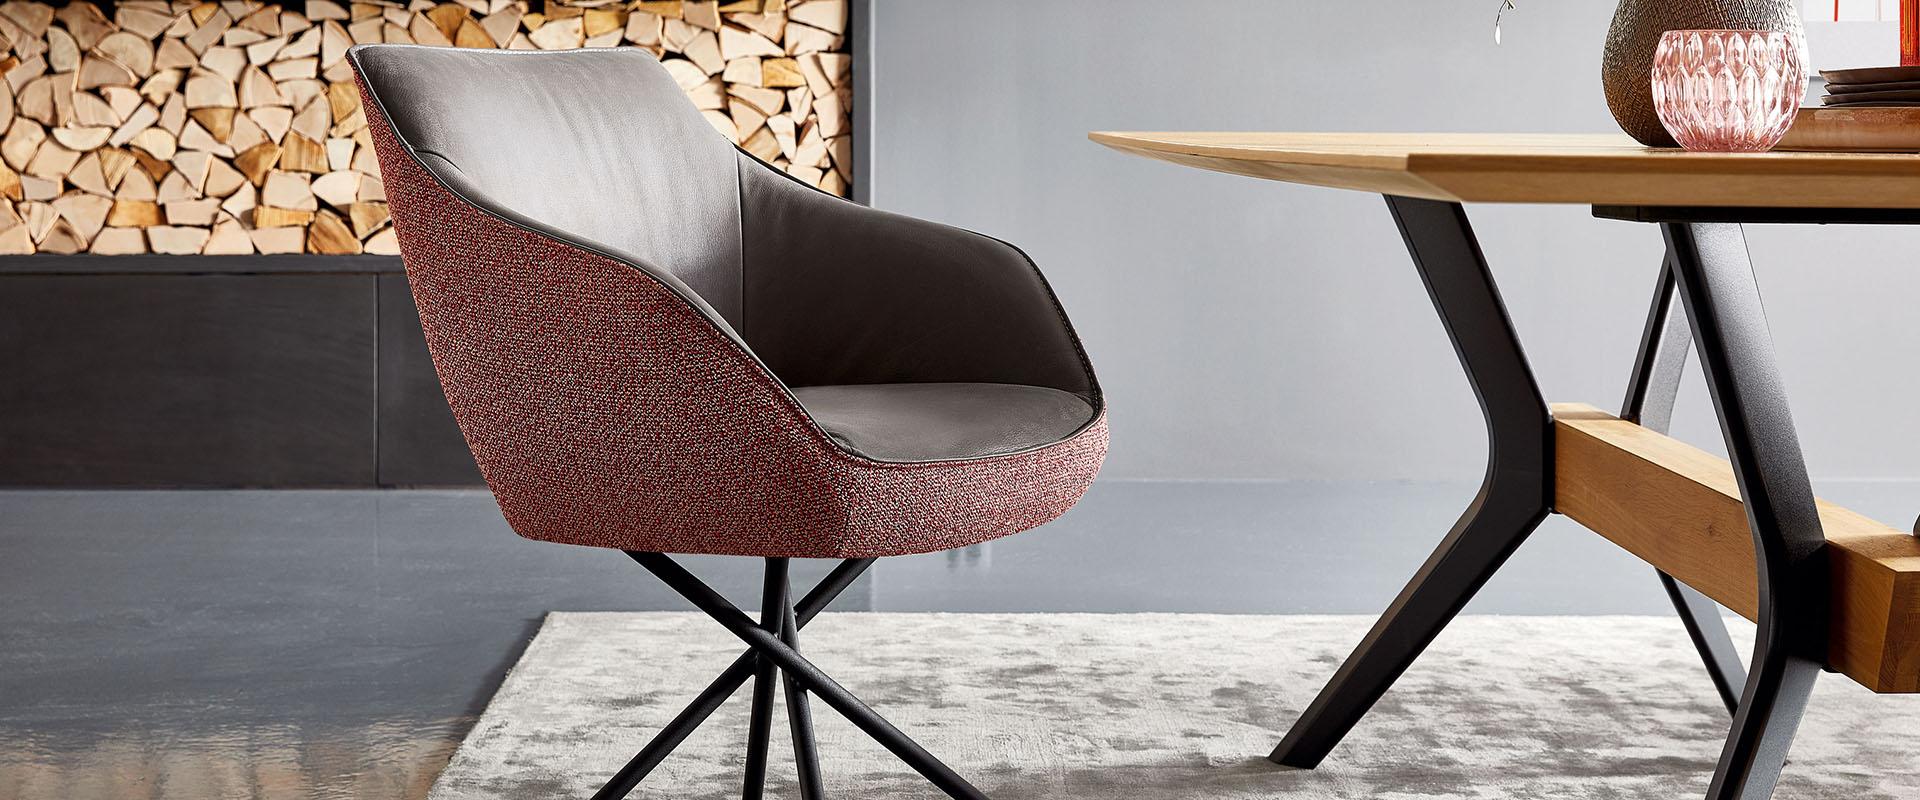 Koinor 21 – Sessel & Esszimmer Stuhl   Mylivings